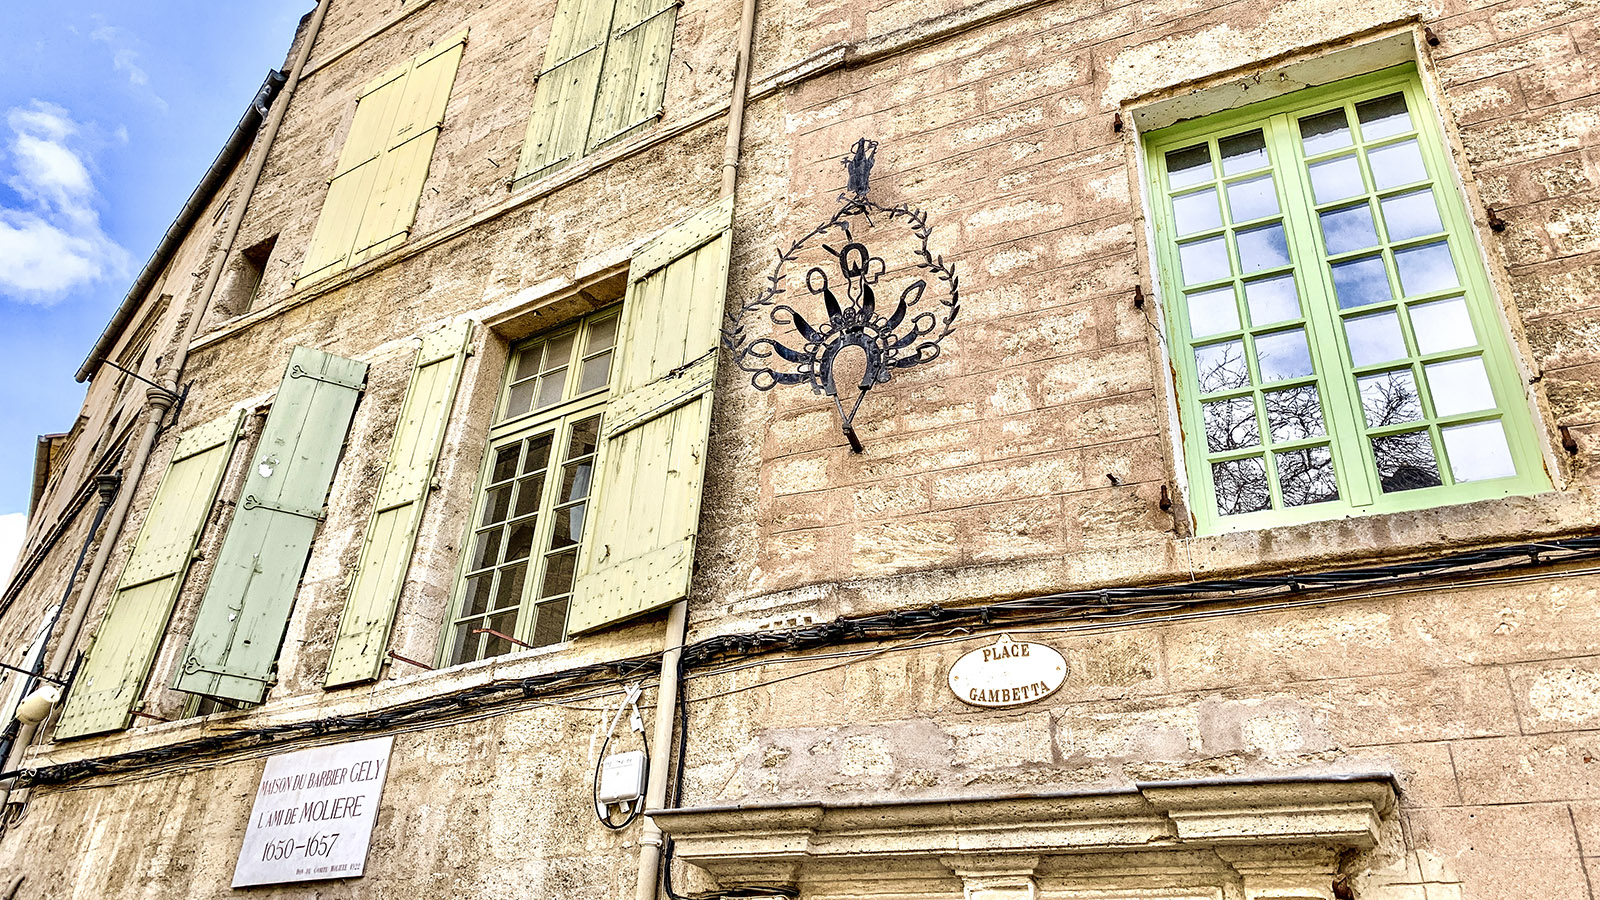 Pézenas: In diesem Stadtpalais an der Place Gambetta lebte ein Freund von Molière, erinnert eine kleine Marmortafel. Foto: Hilke Maunder